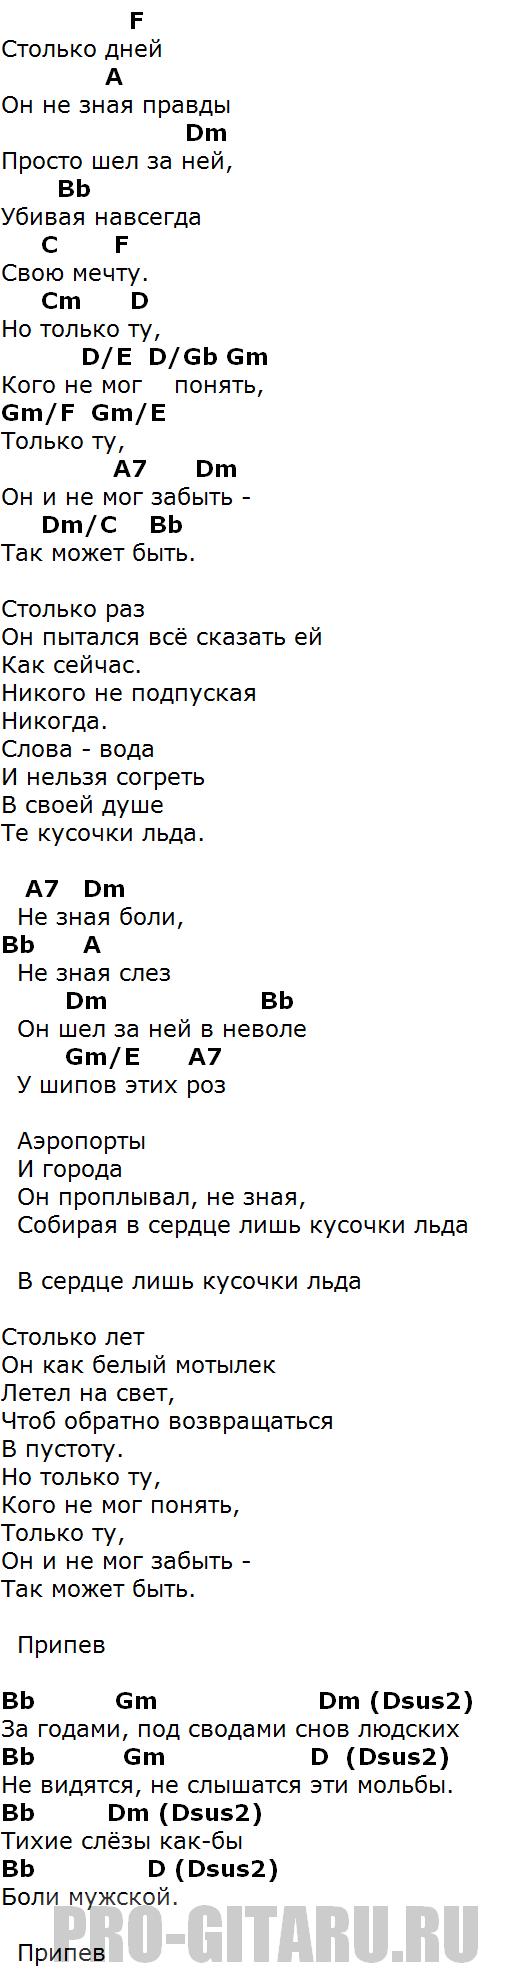 агутин аэропорты аккорды